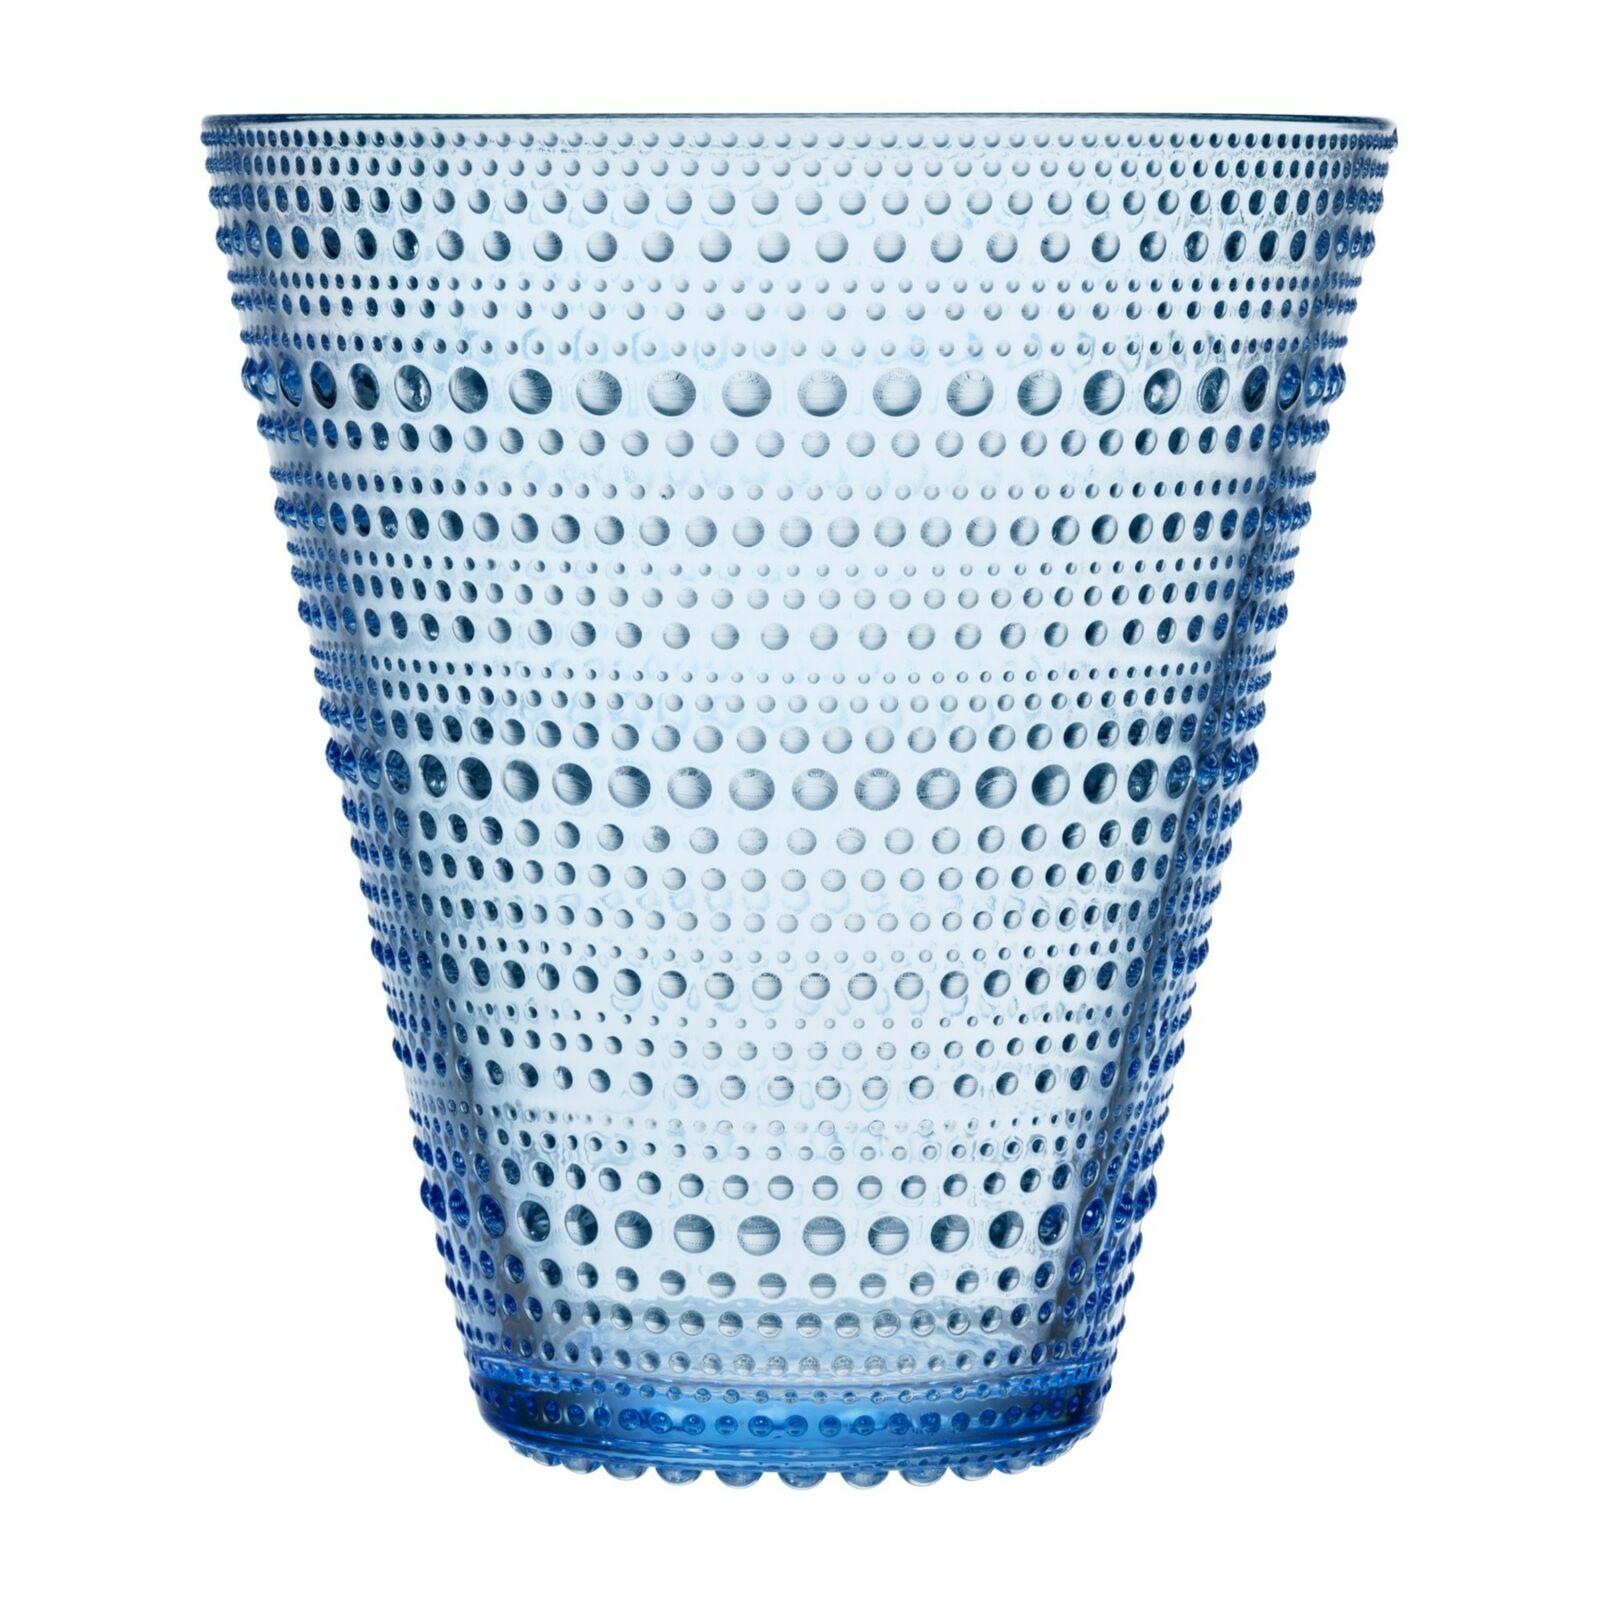 Iittala Kastehelmi Oiva Toikka Vase Aqua Blau 15.4 cm